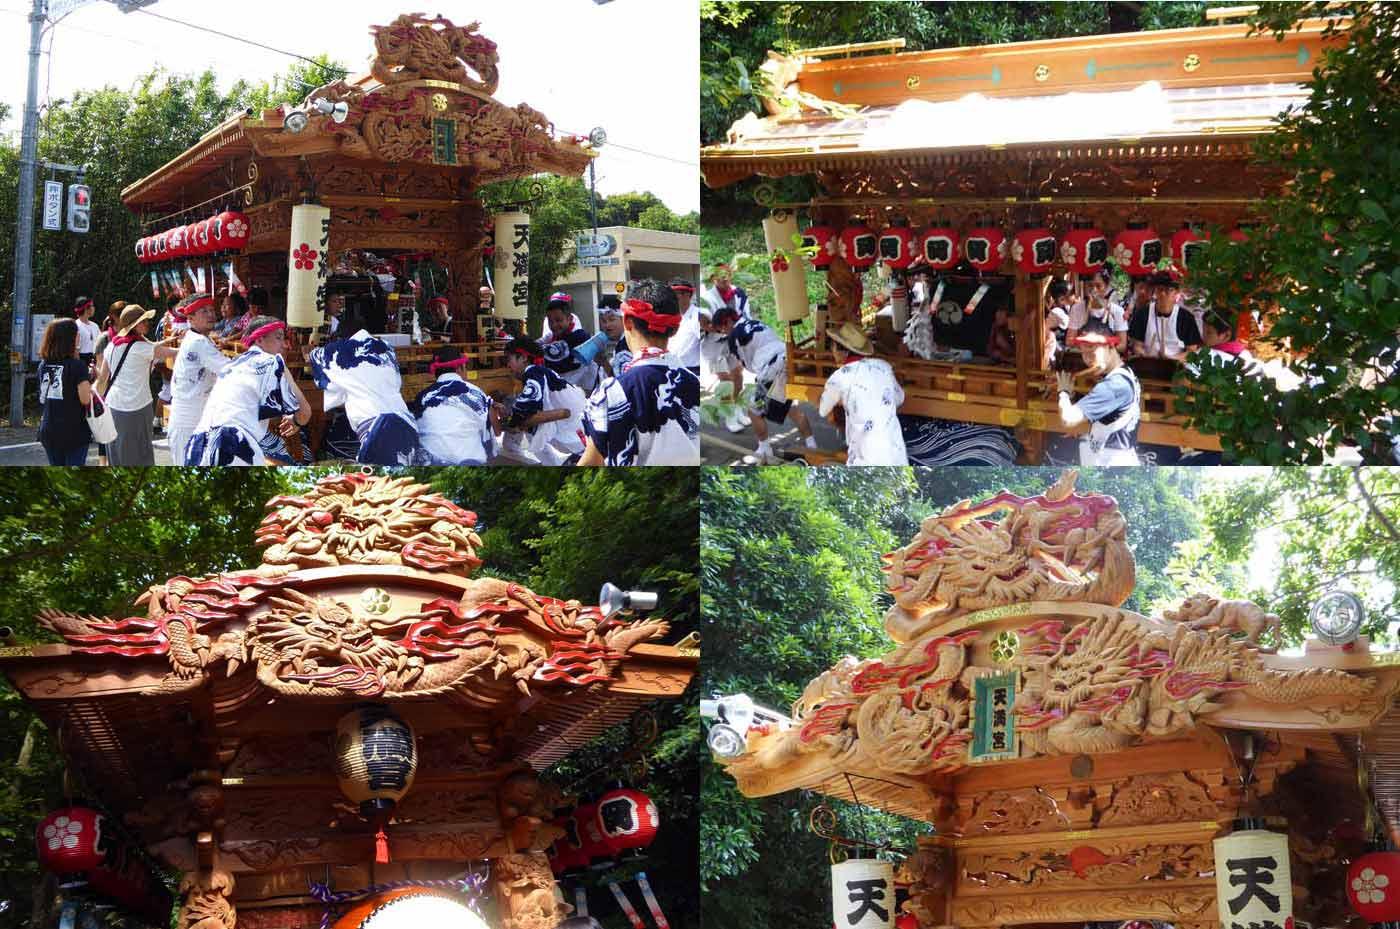 多田良岡 天満宮の祭礼の様子